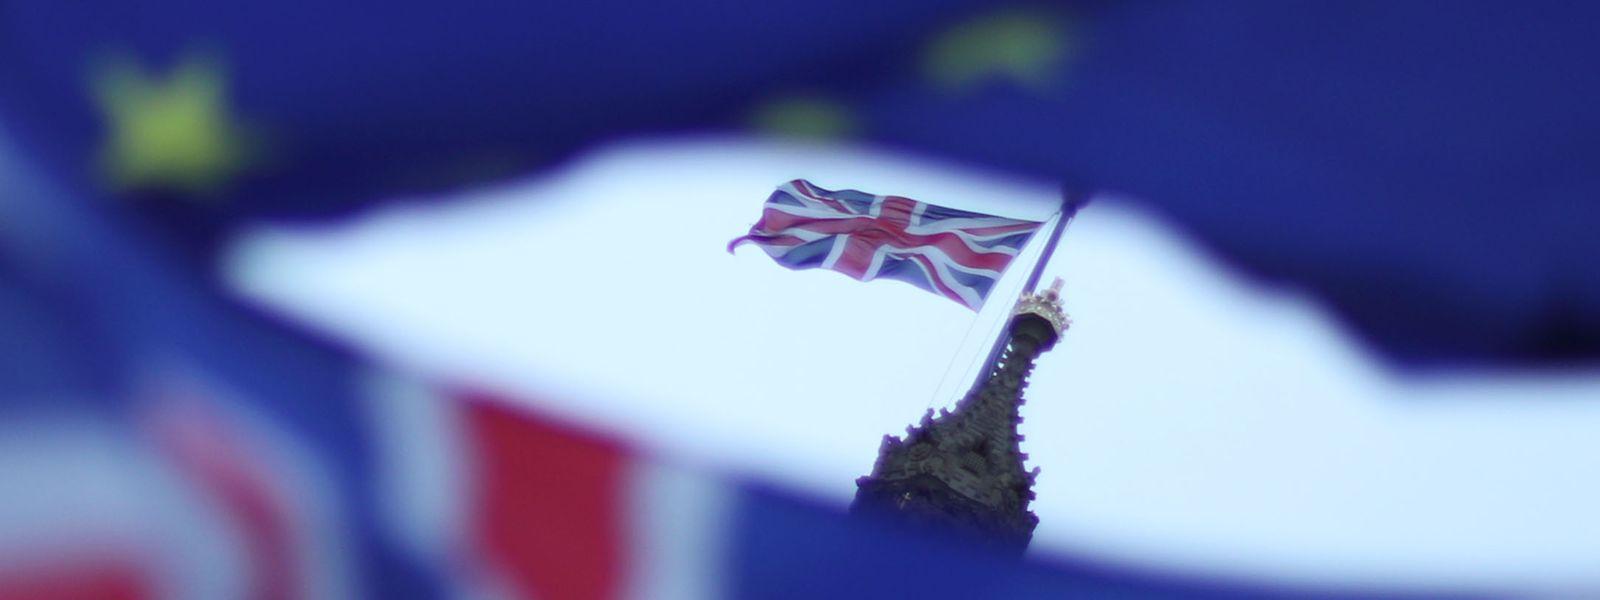 Les résultats des élections législatives vont être analysés dans de nombreux pays de l'UE.